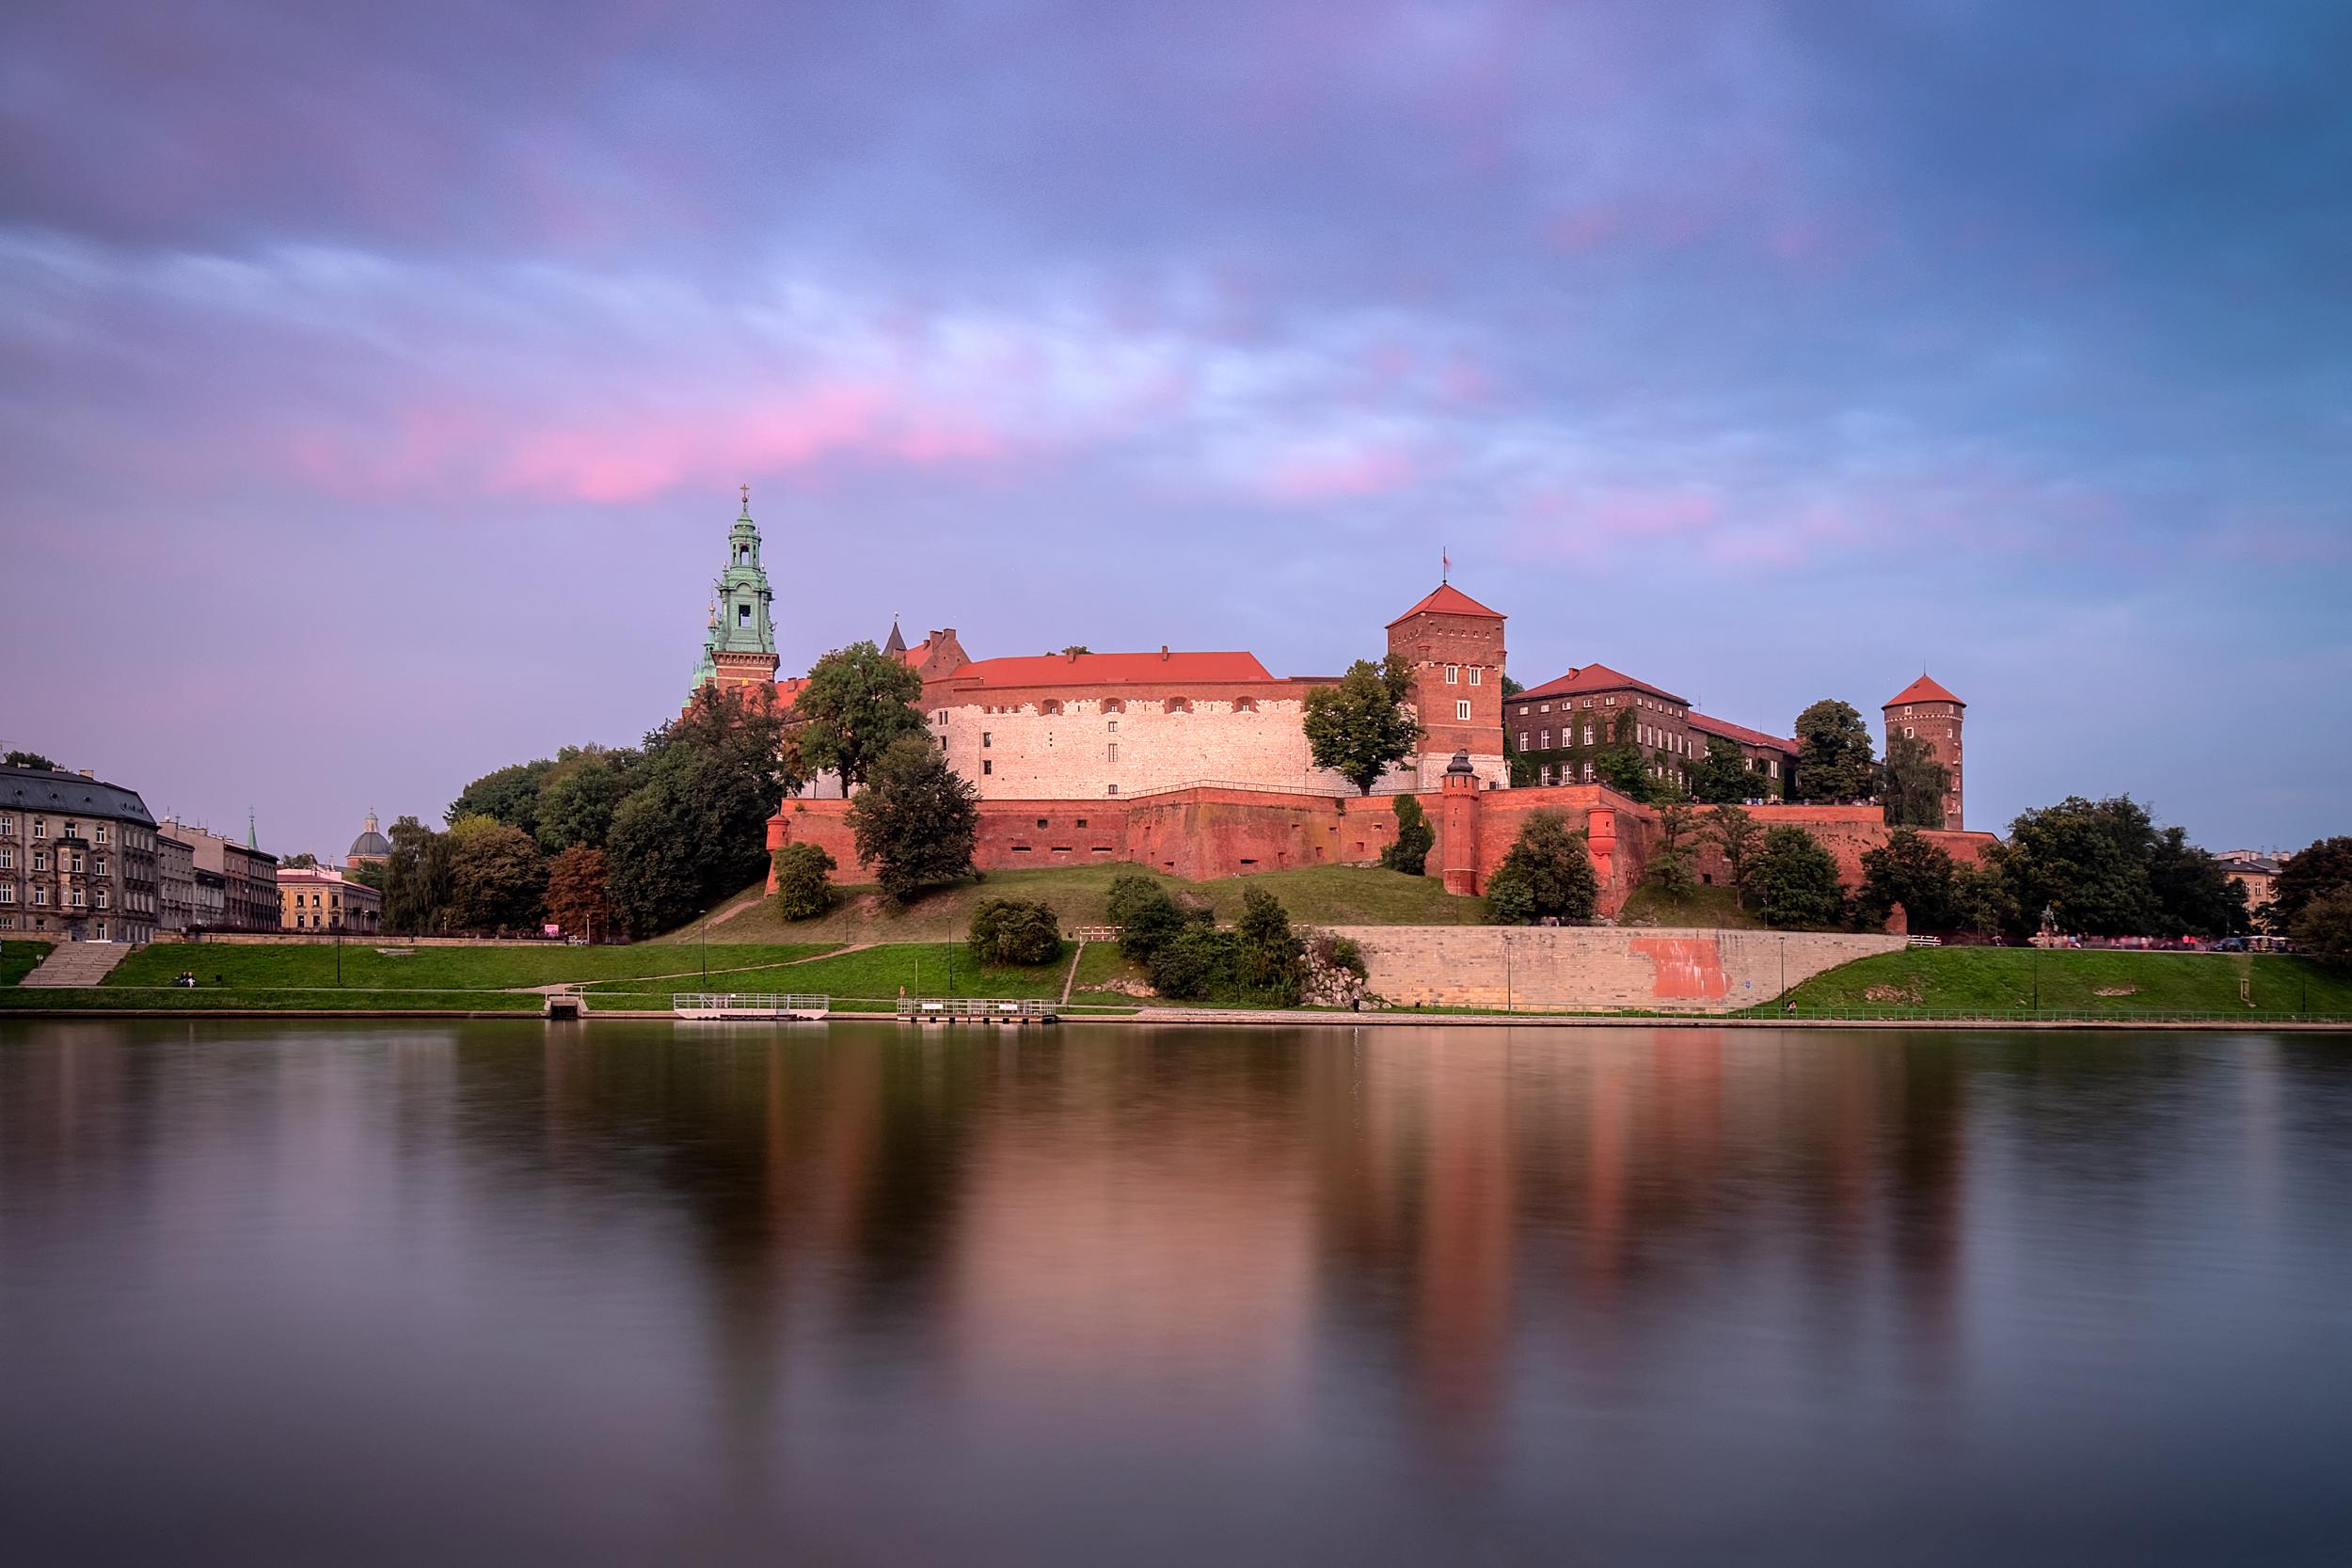 20180907_krakow-712-Edit2.jpg